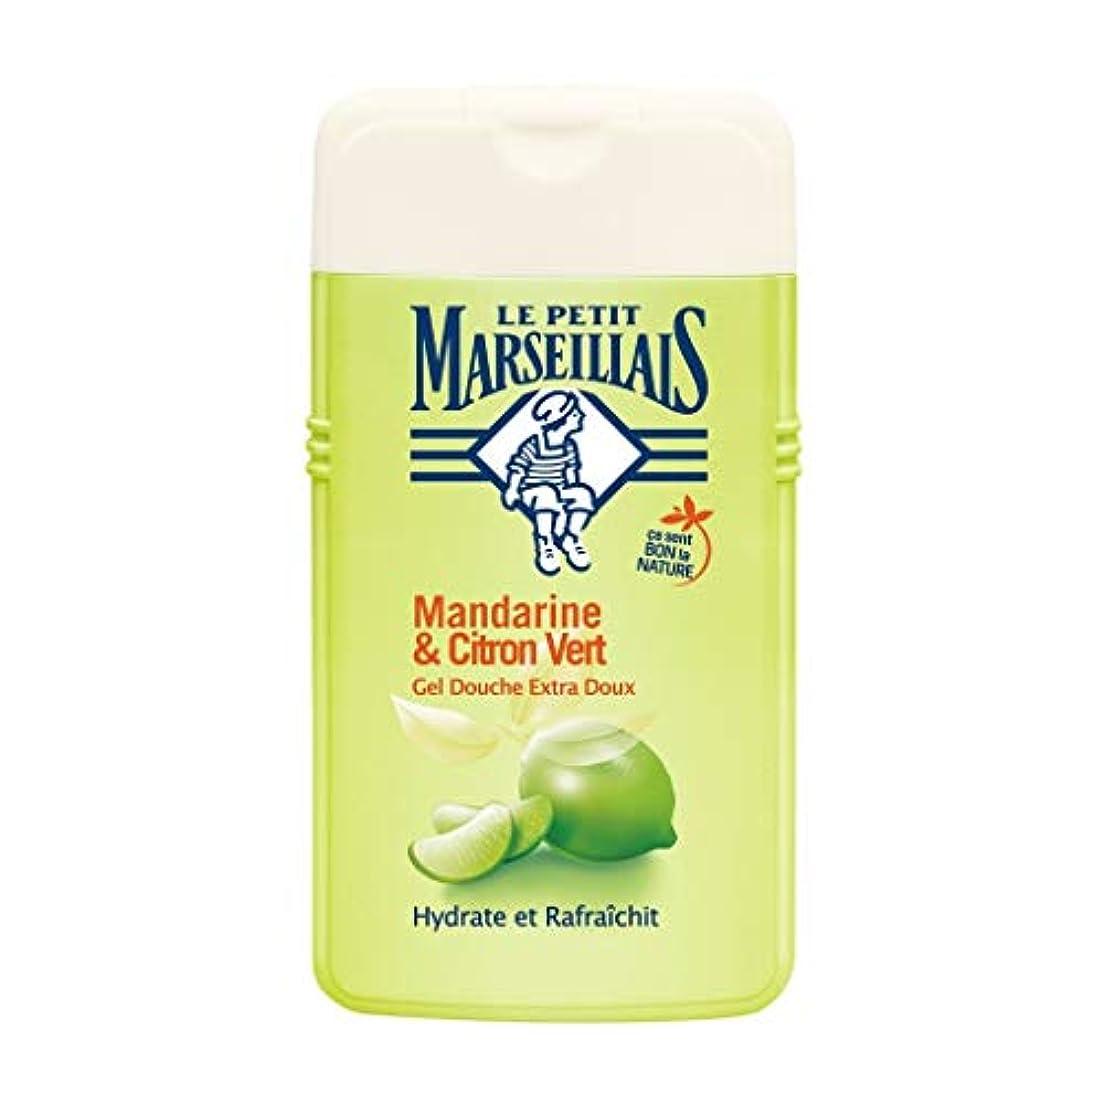 タール知る仲介者ル プティ マルセイユ Le Petit Marseillais シャワージェル/ボディソープ (マンダリンオレンジ と ライム, 250 ml)